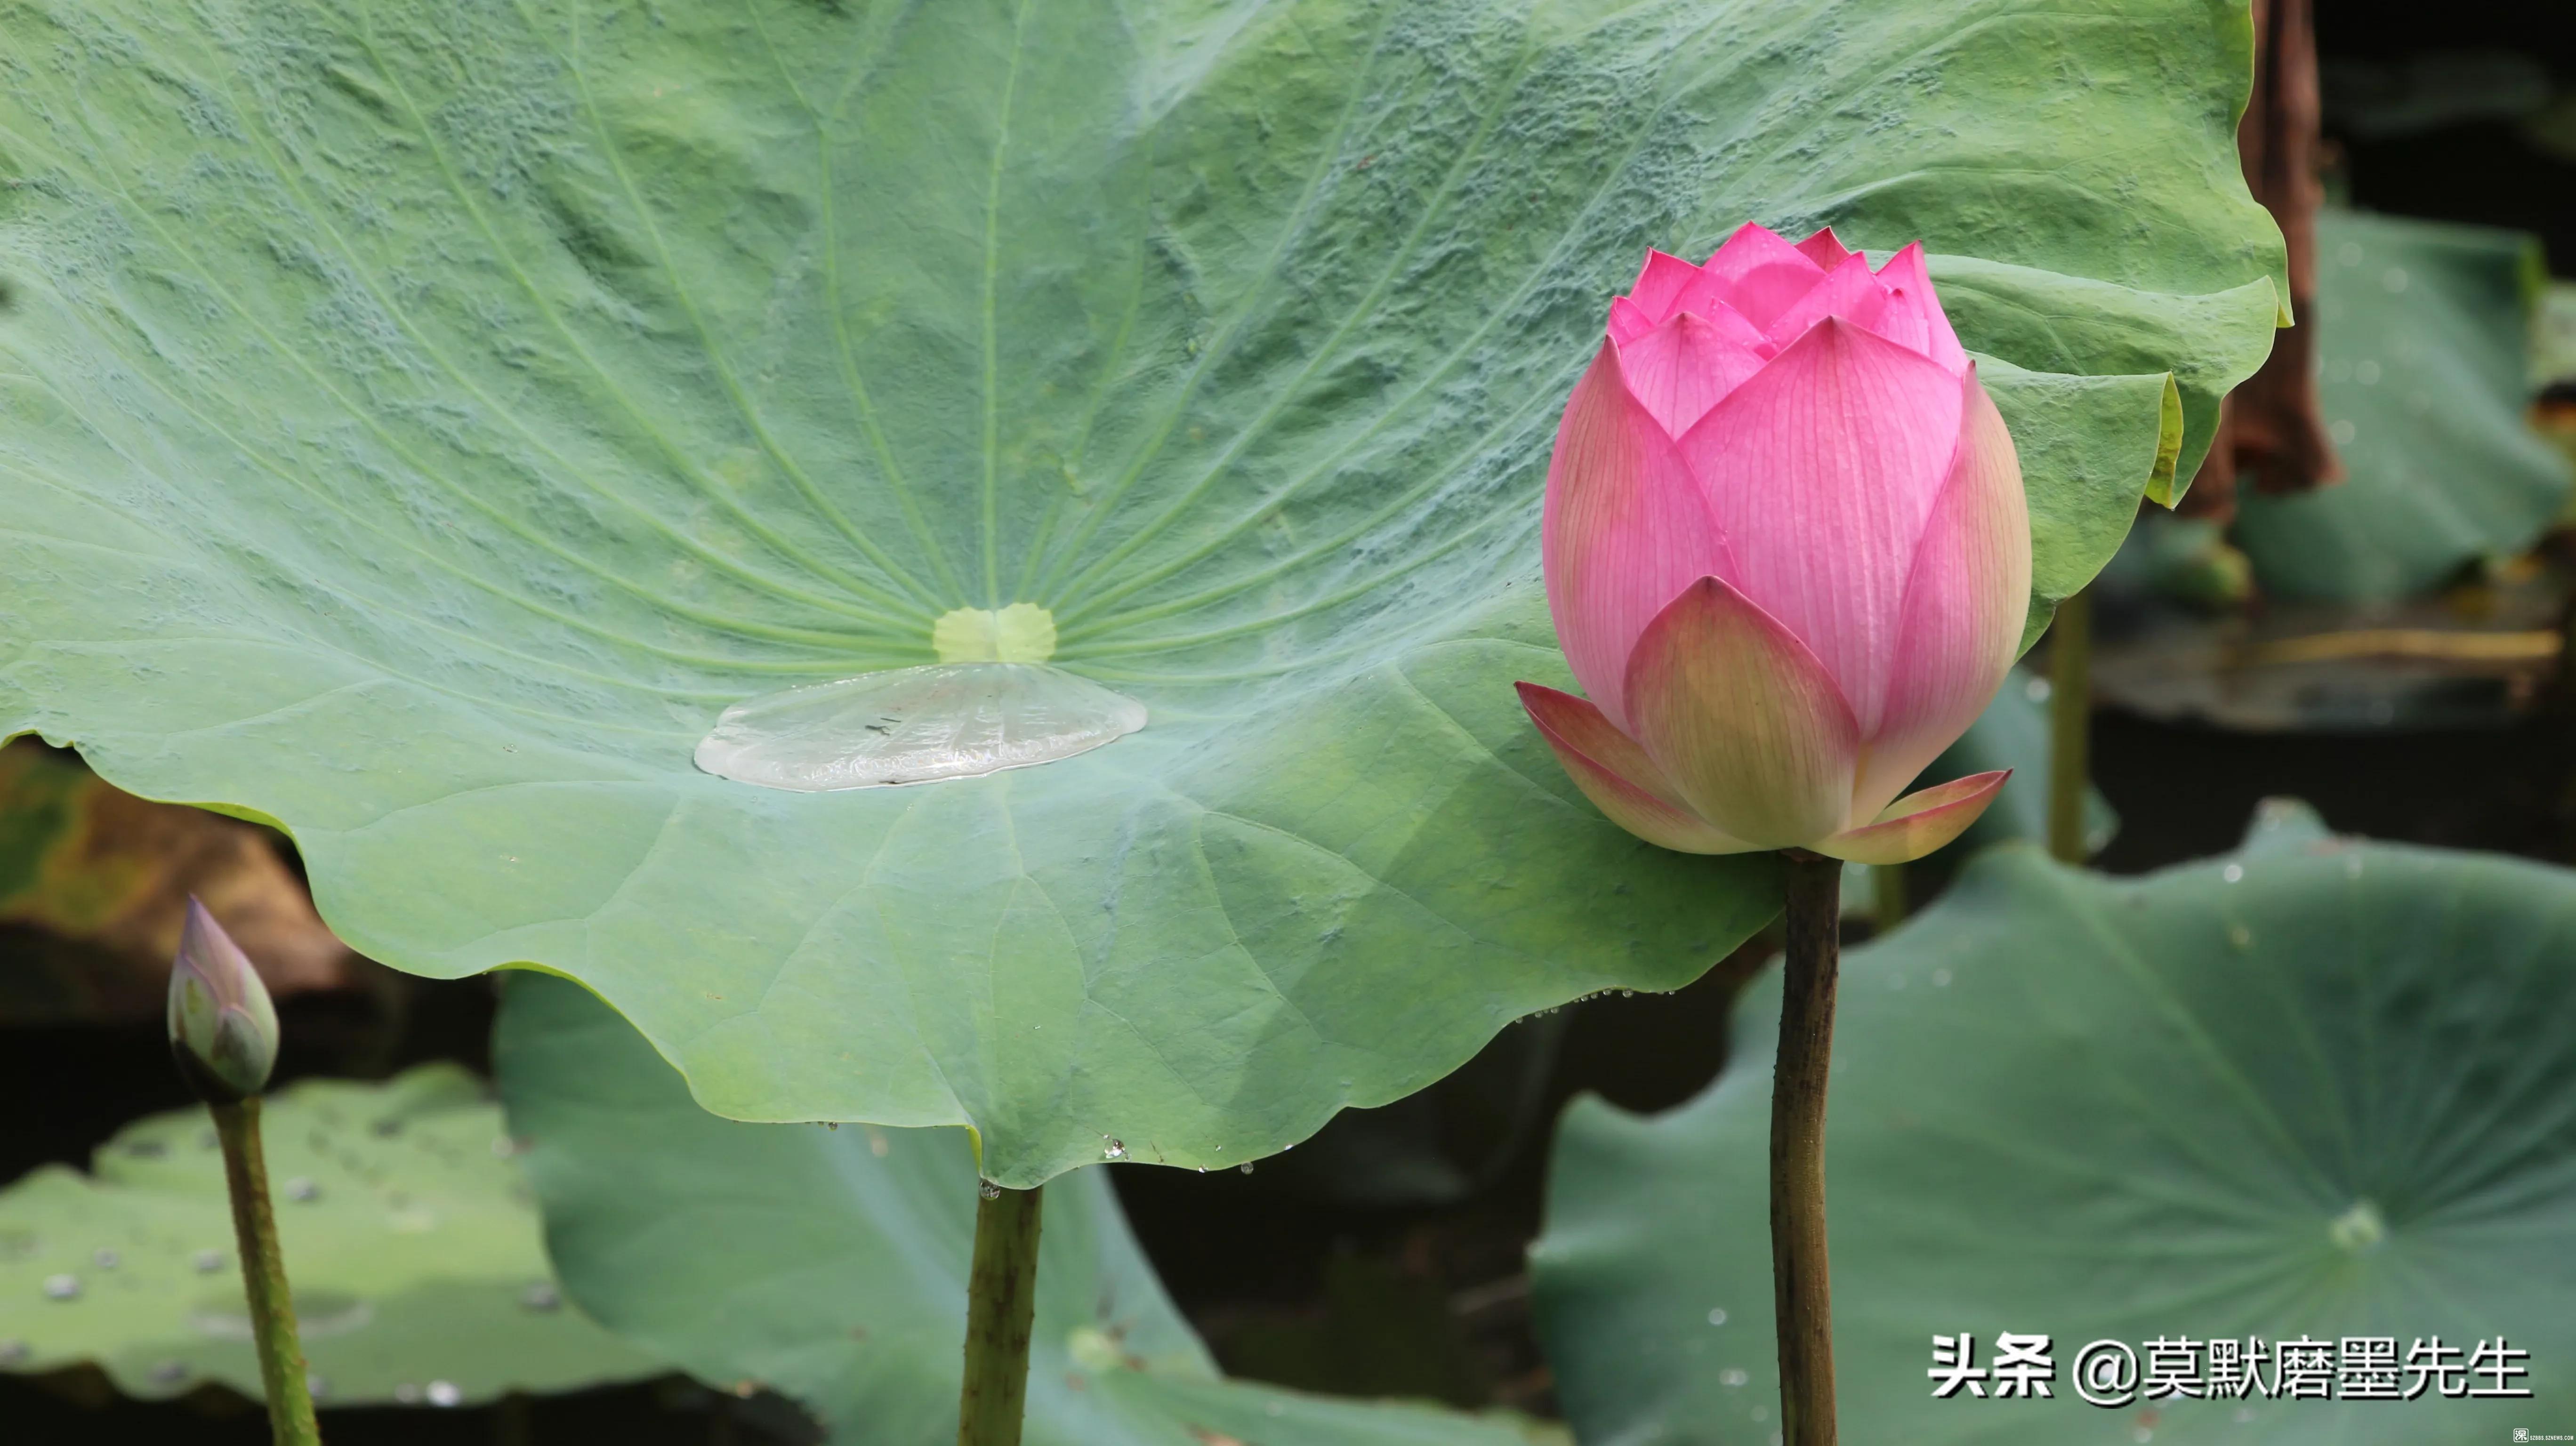 雨中赏荷,洪湖公园,2020.06.13